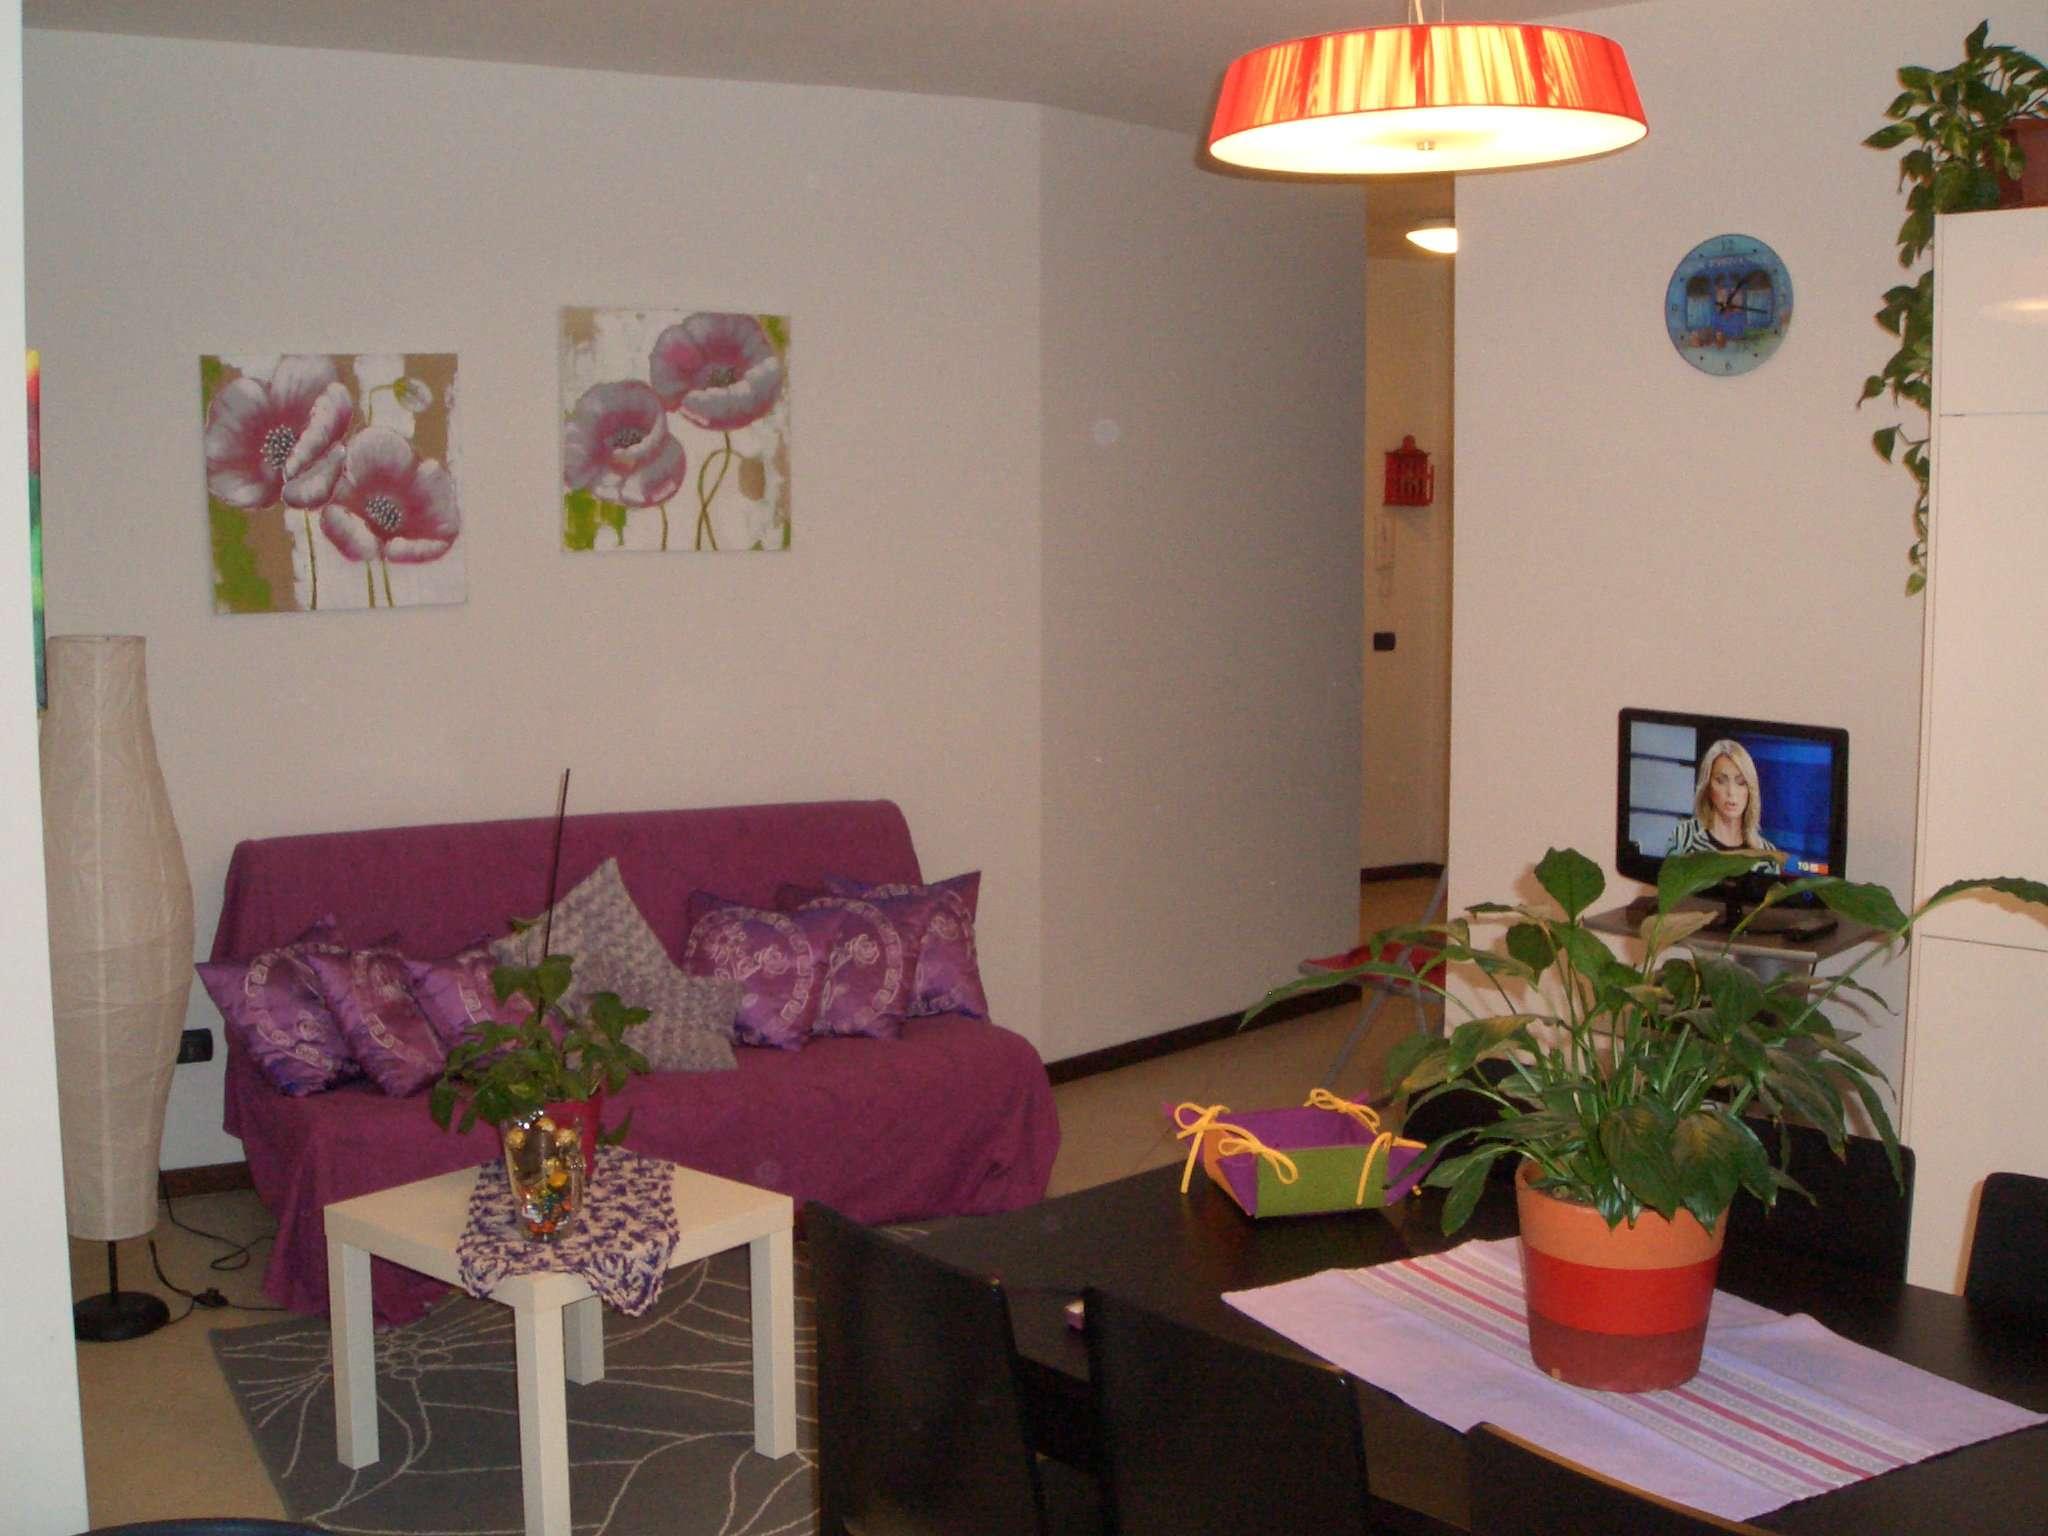 Appartamento in vendita a Alba Adriatica, 3 locali, prezzo € 110.000 | CambioCasa.it